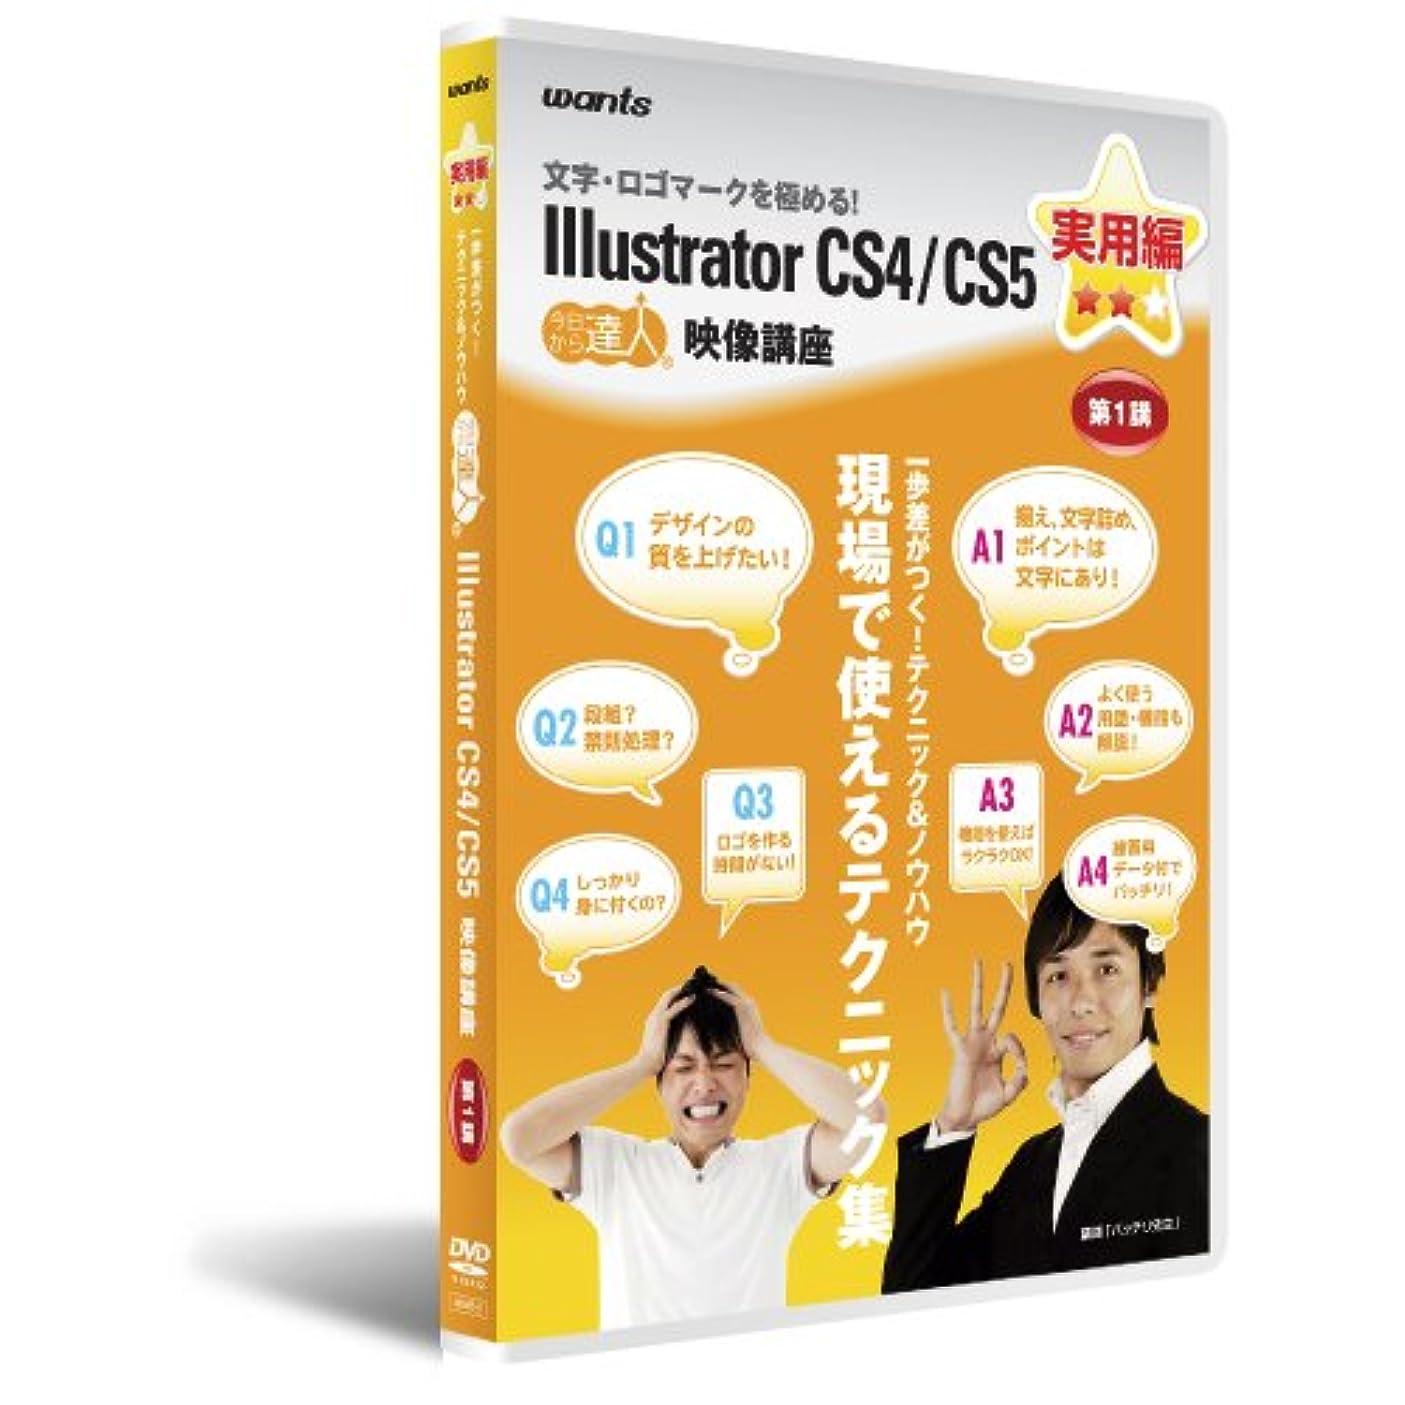 修羅場不平を言う大事にするイラストレーターCS4/CS5 :DVD講座 実用編 第1講